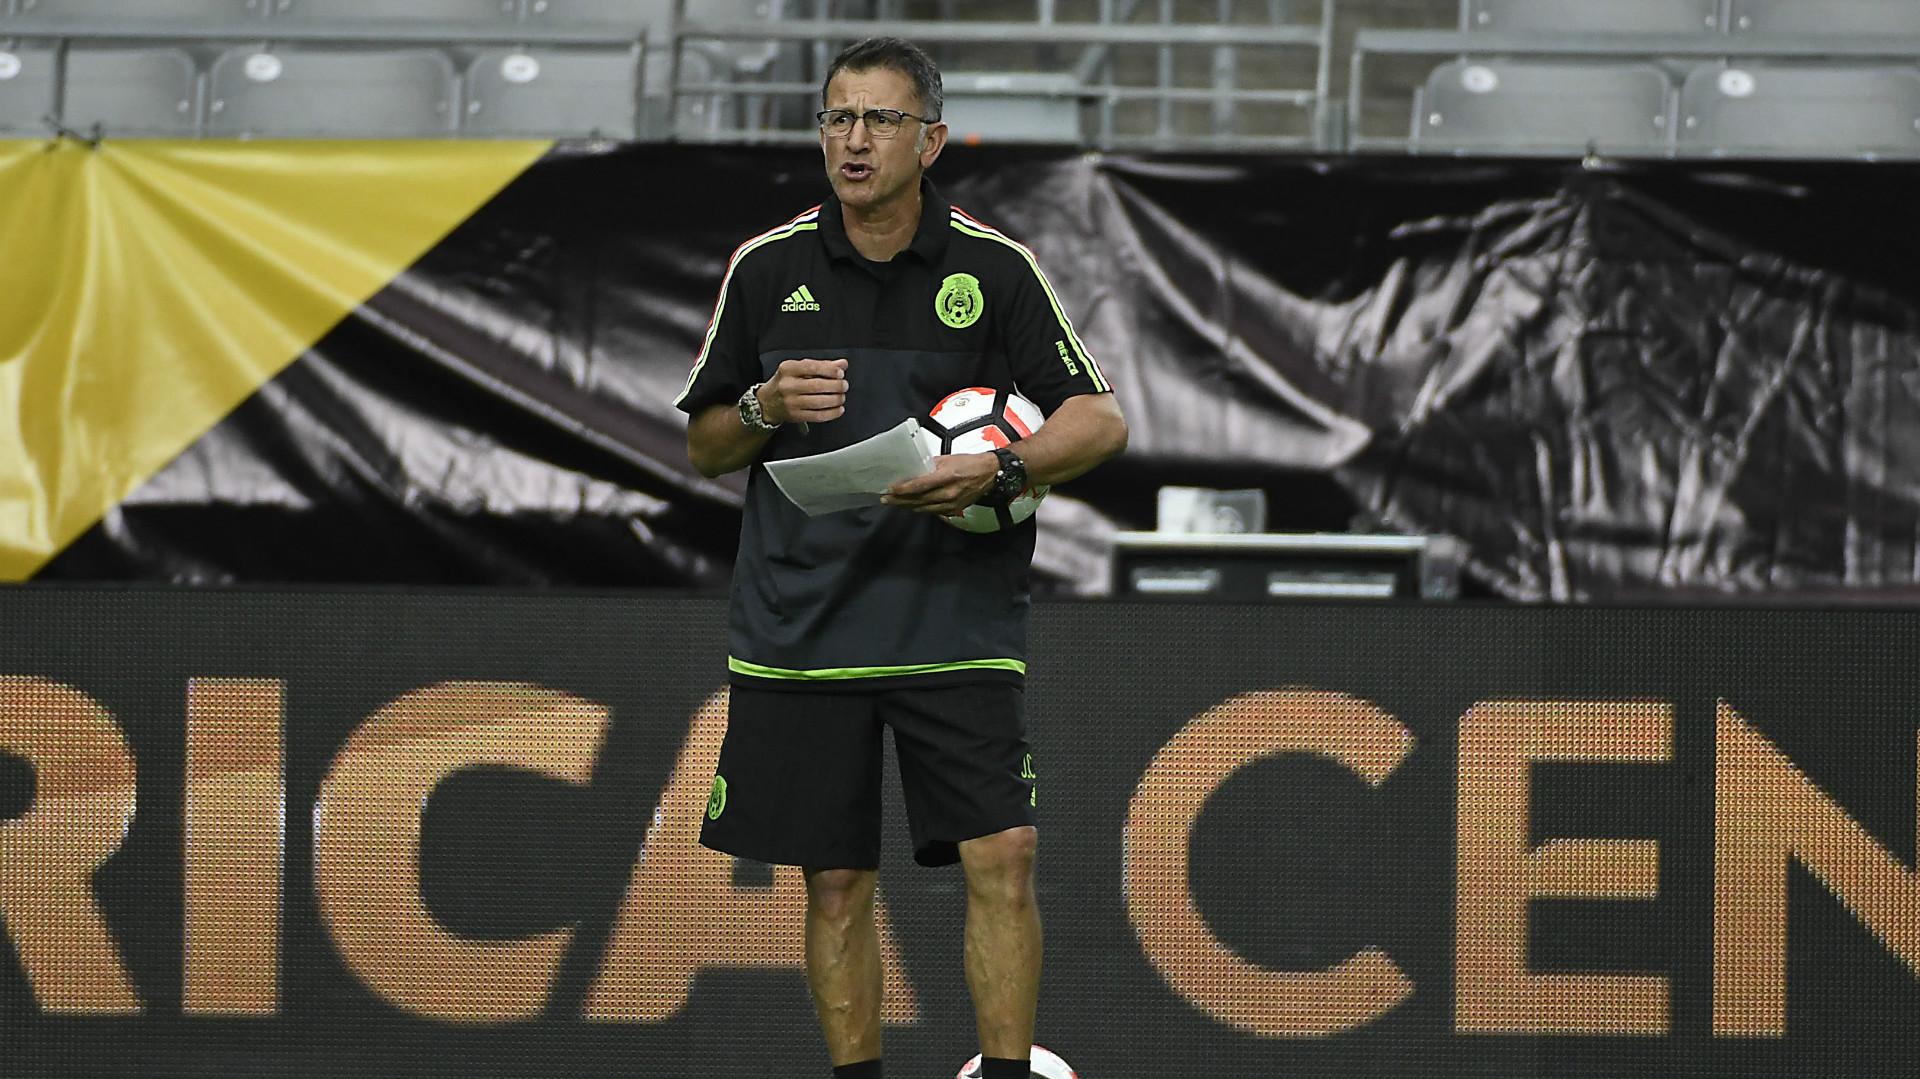 Copa America Day 3 Results